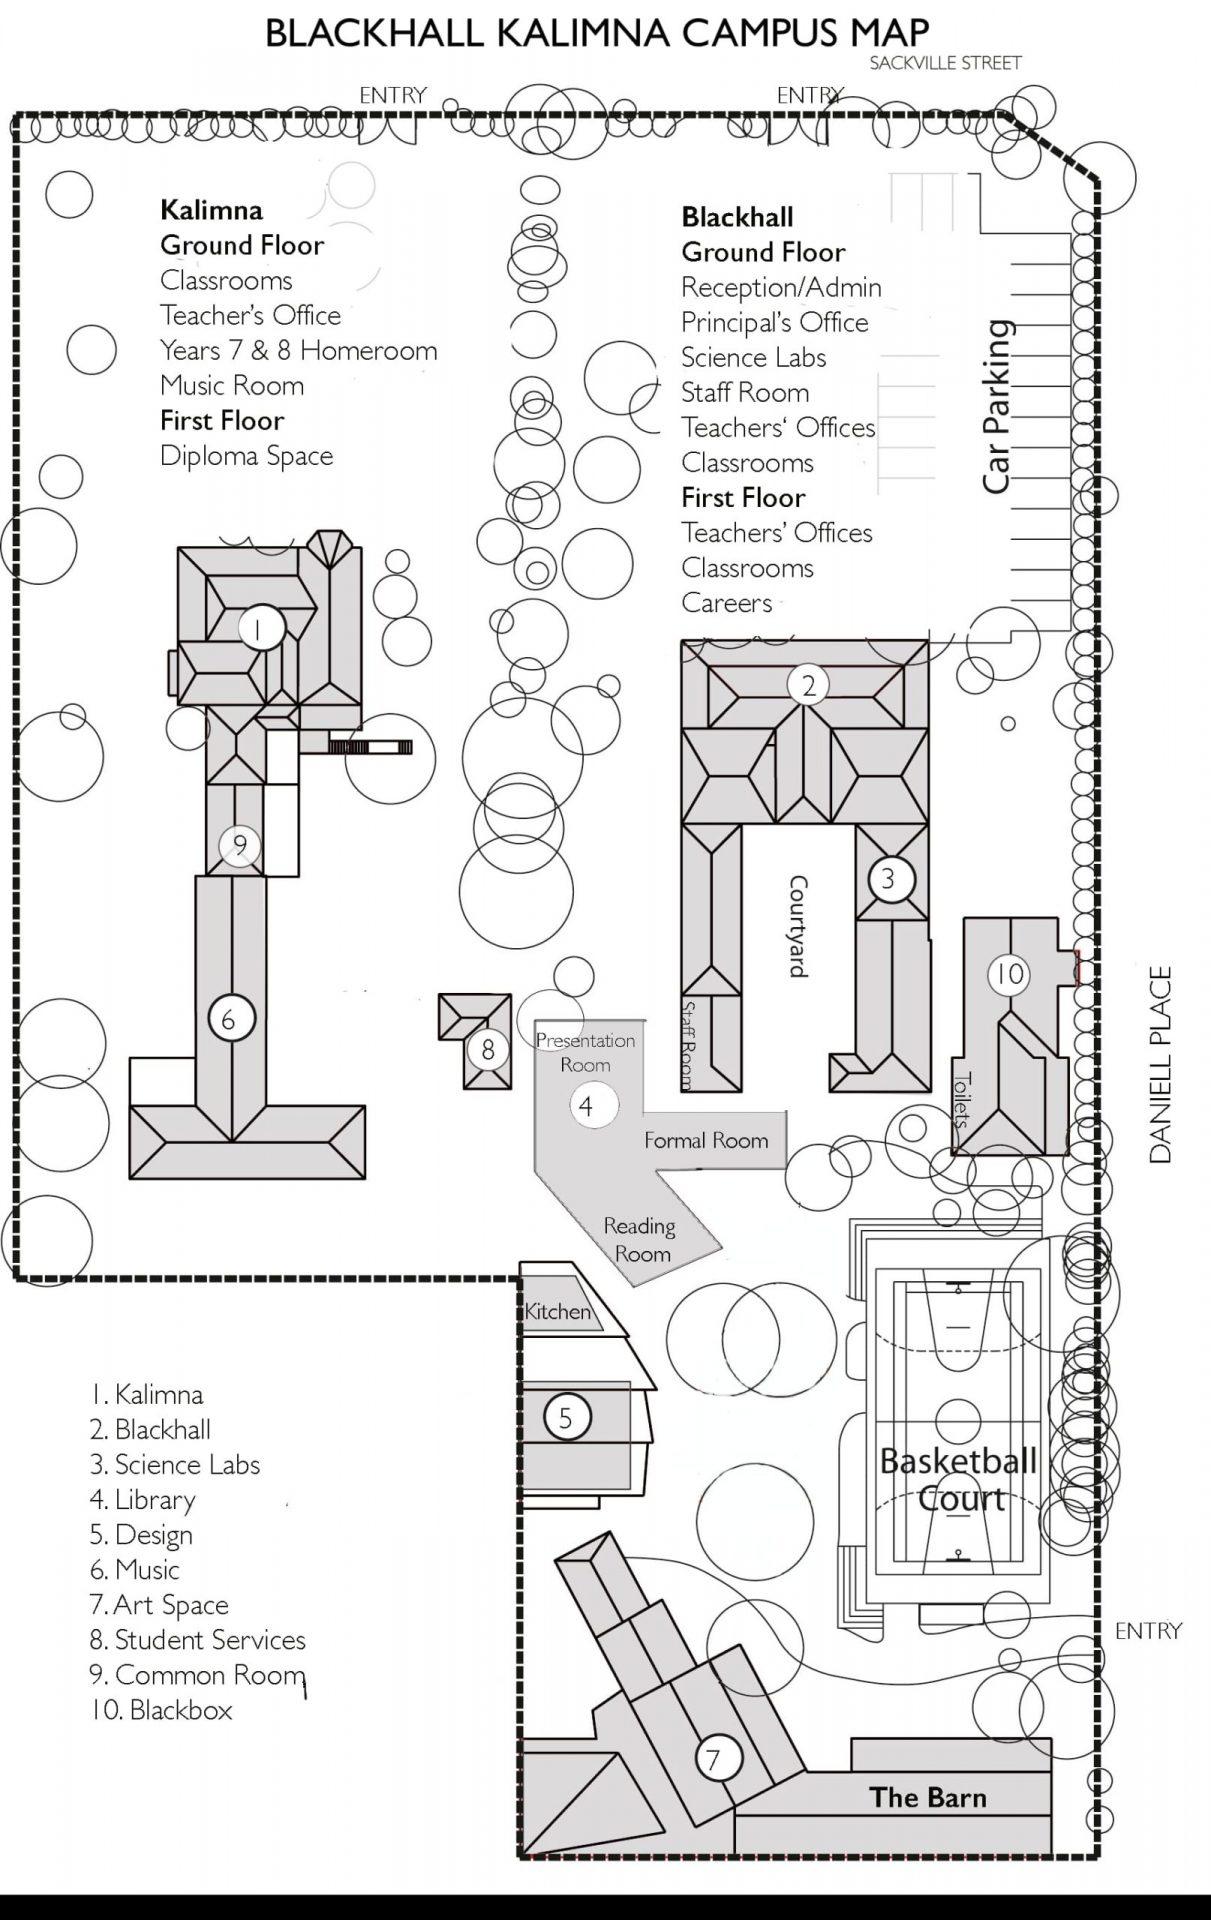 BK Campus Map